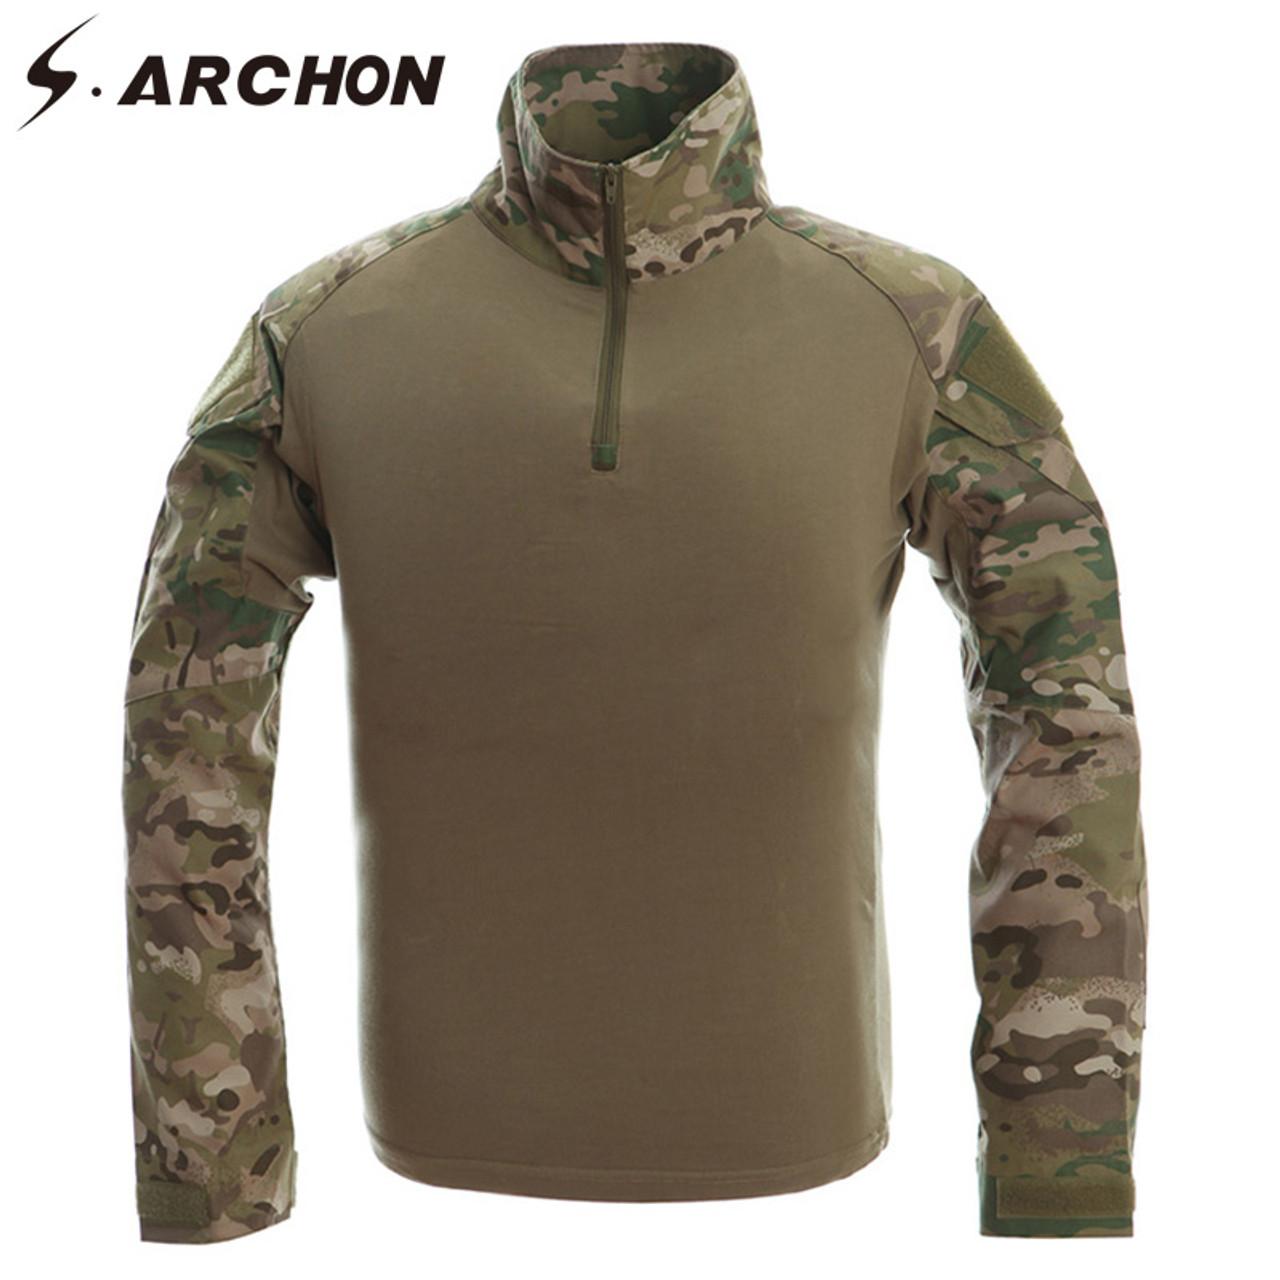 07255c052920 ... S.ARCHON Tactical Military Army Shirt Men Long Sleeve Shirts Multicam  Uniform Frog Suit T ...